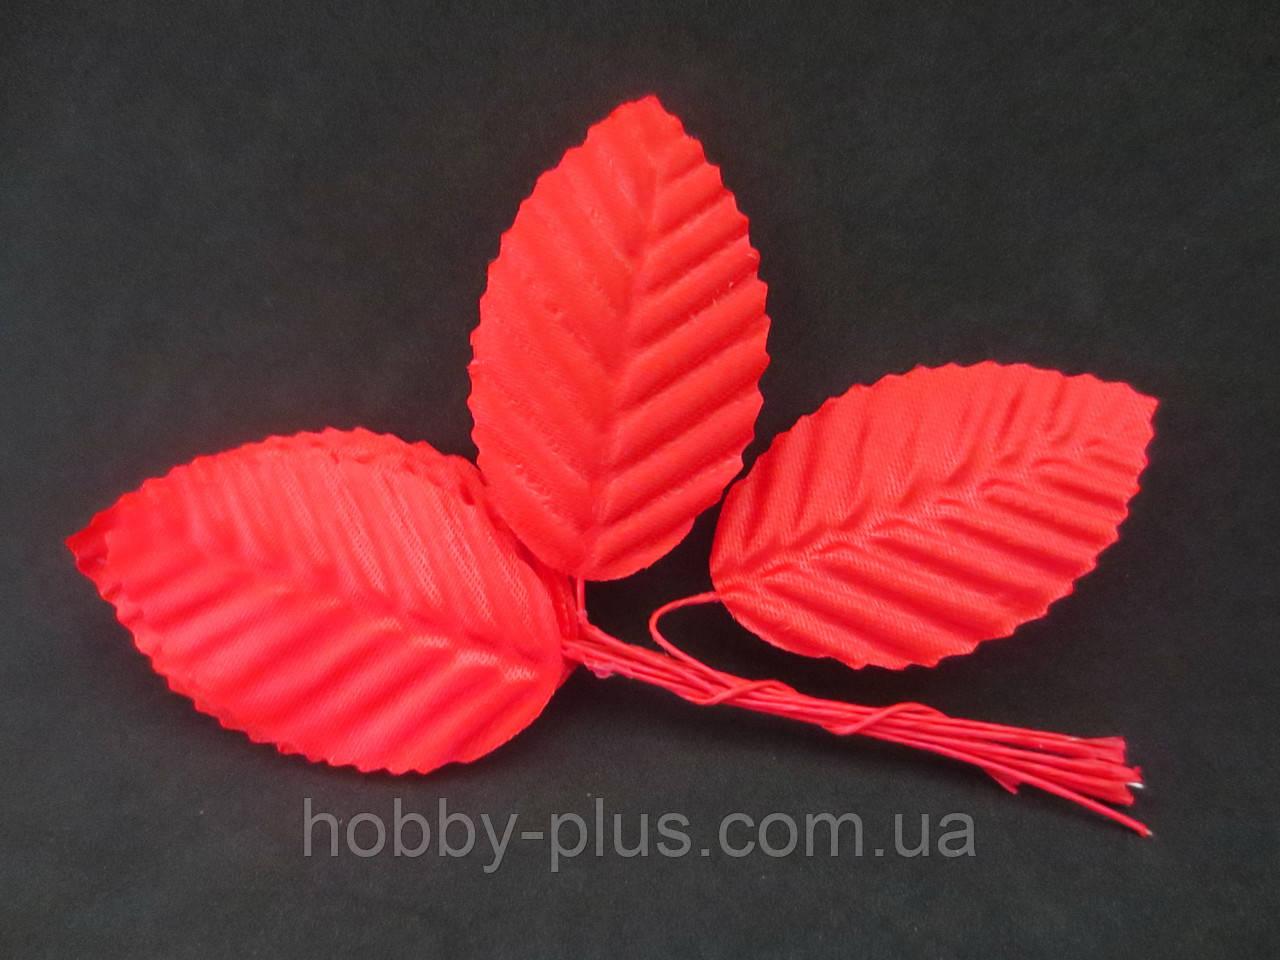 Декоративные листики из ткани, КРАСНЫЙ, 10 шт.